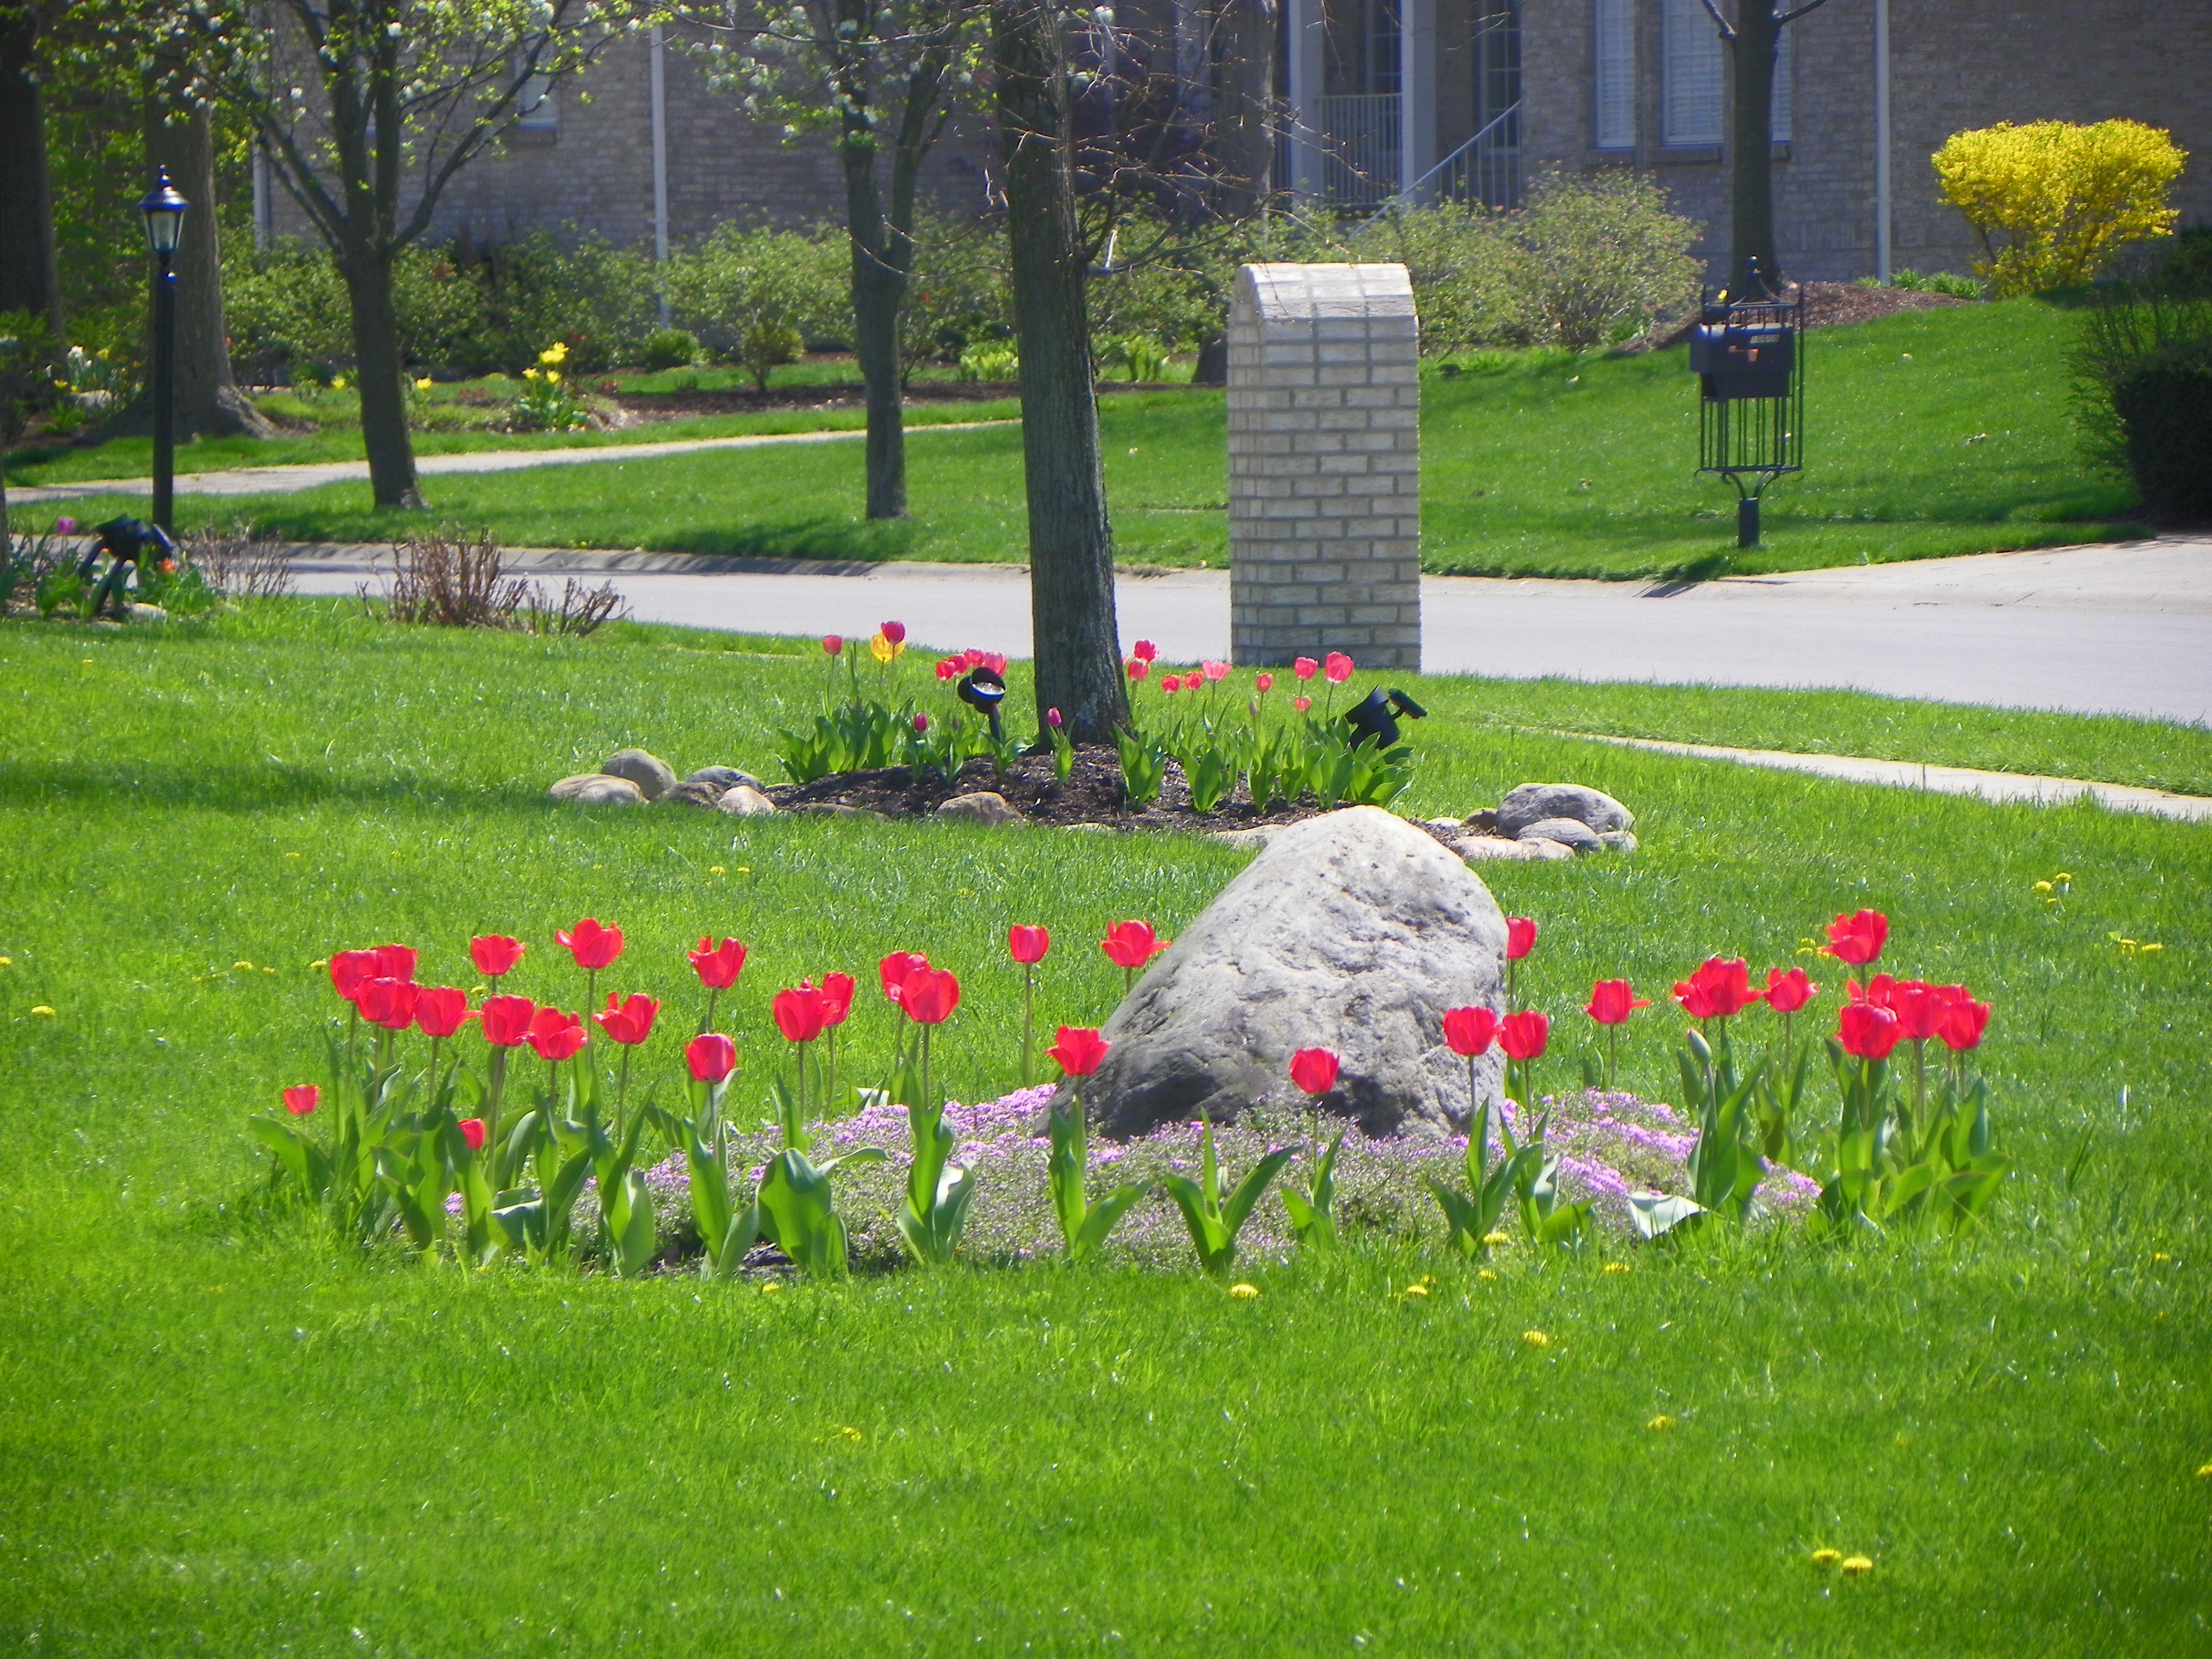 Washington Township Real Estate Lifestyle Photo 01